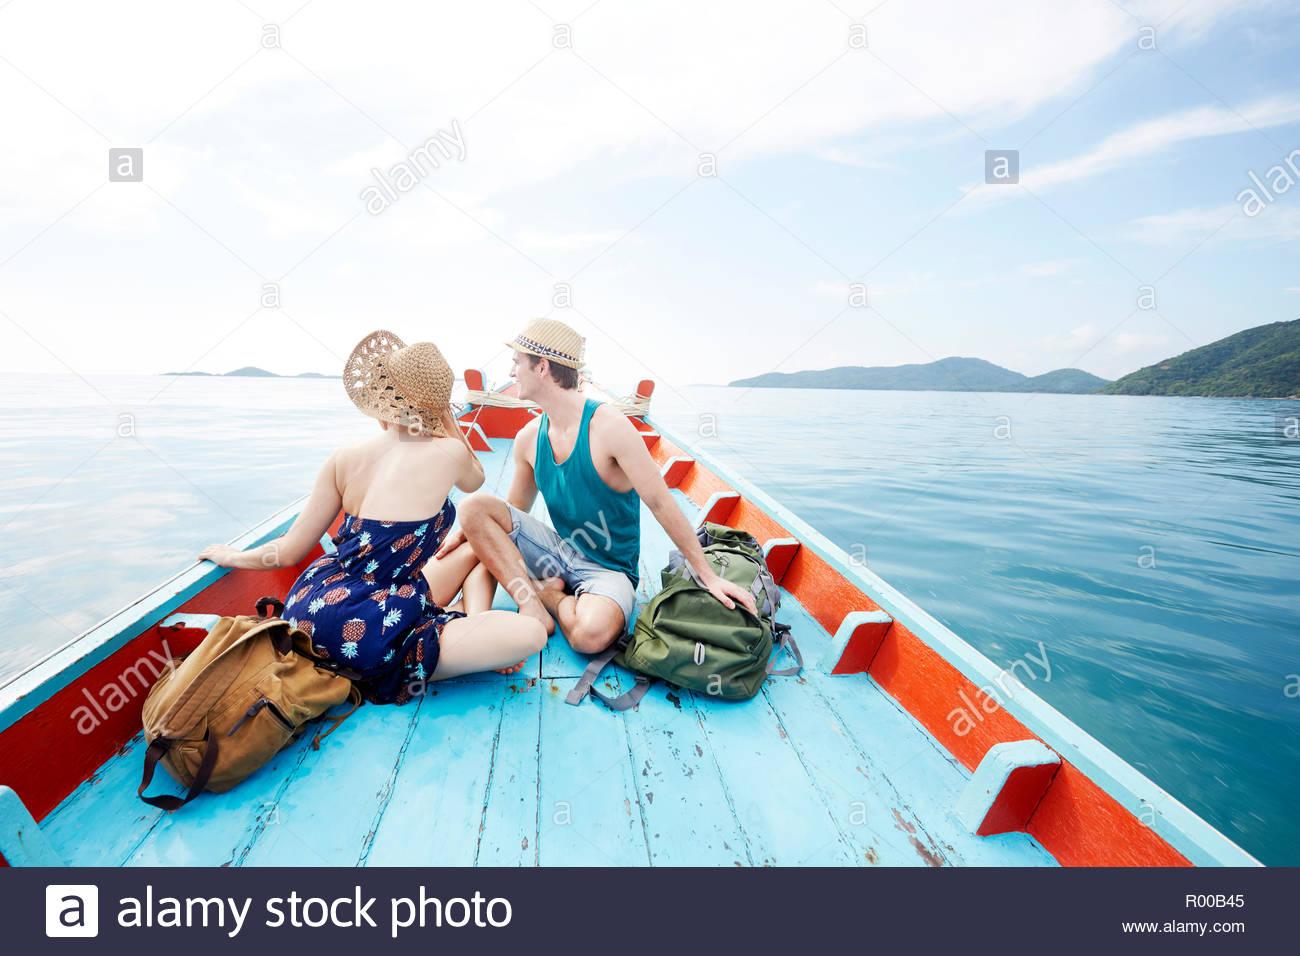 Junges Paar auf Boot mit Rucksäcken Stockbild